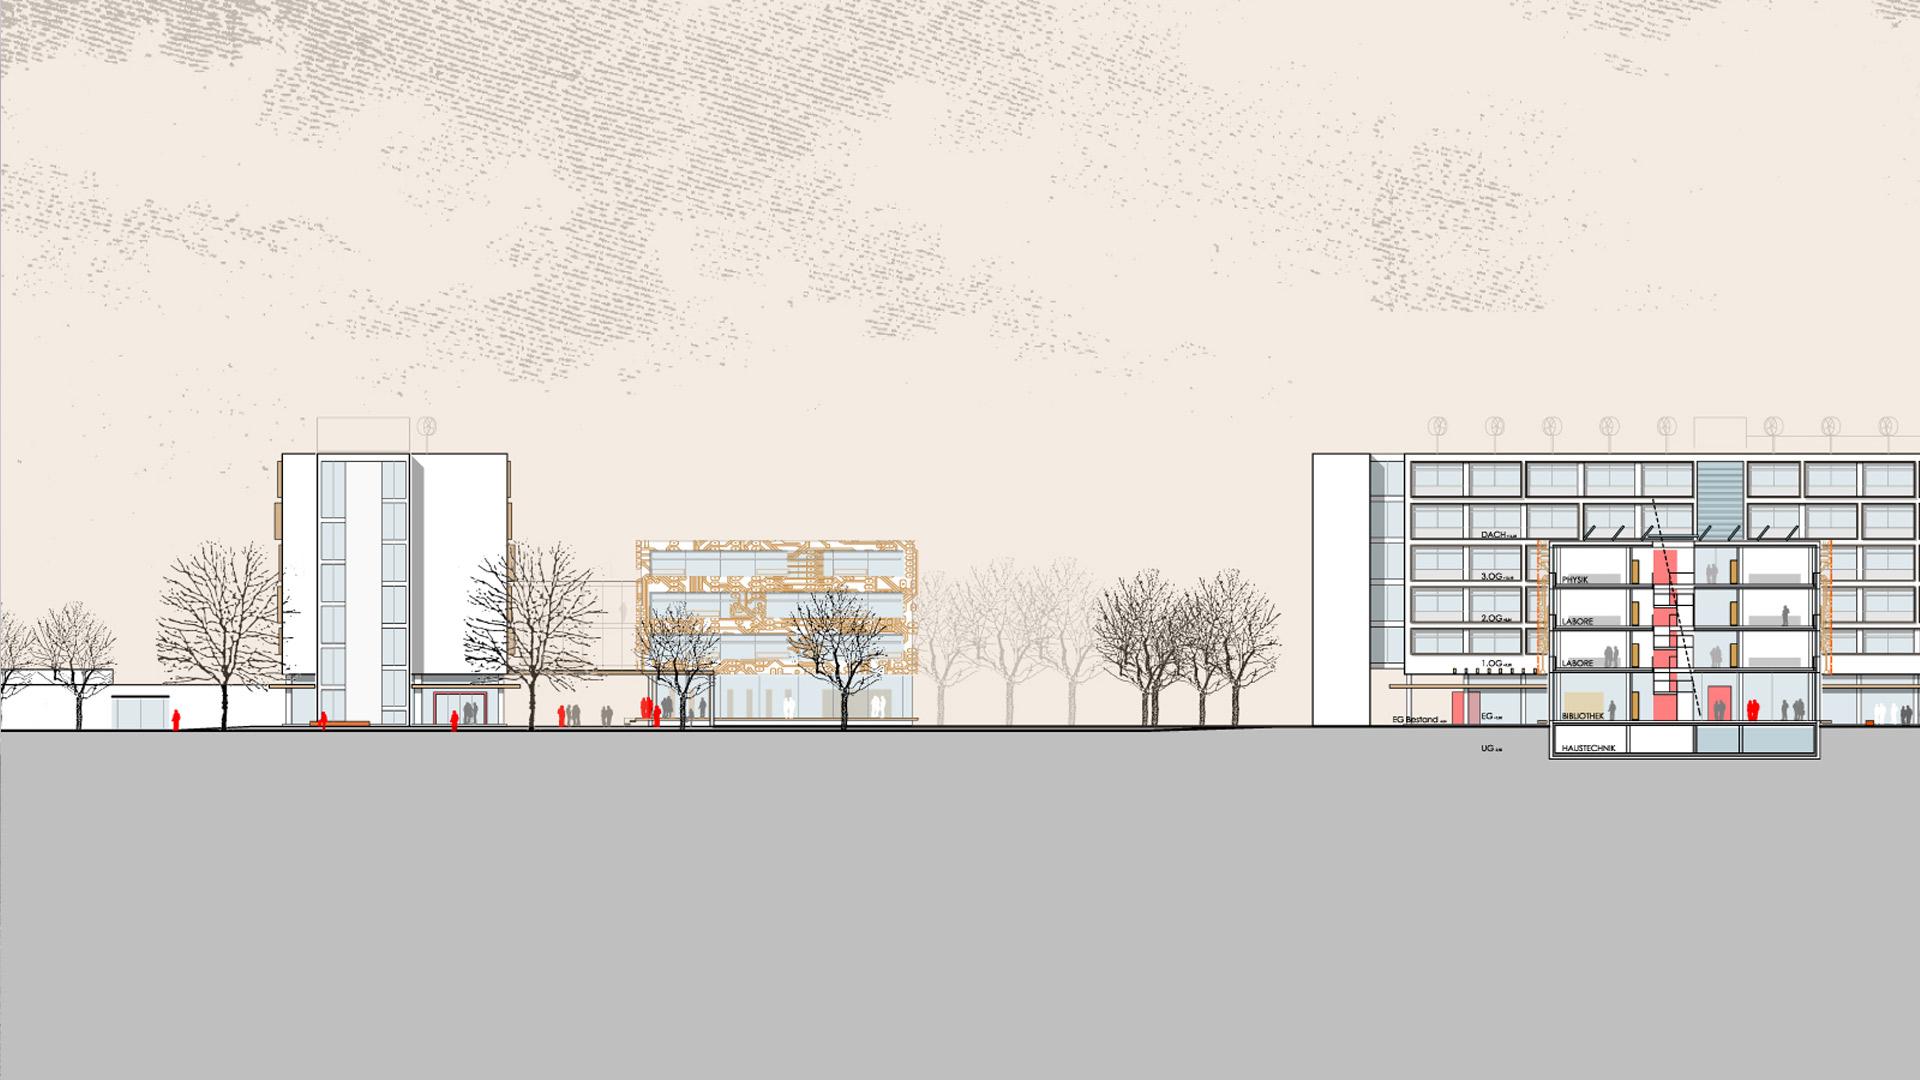 Ansicht Schnitt Heinrich Hertz Schule Assem Architekten